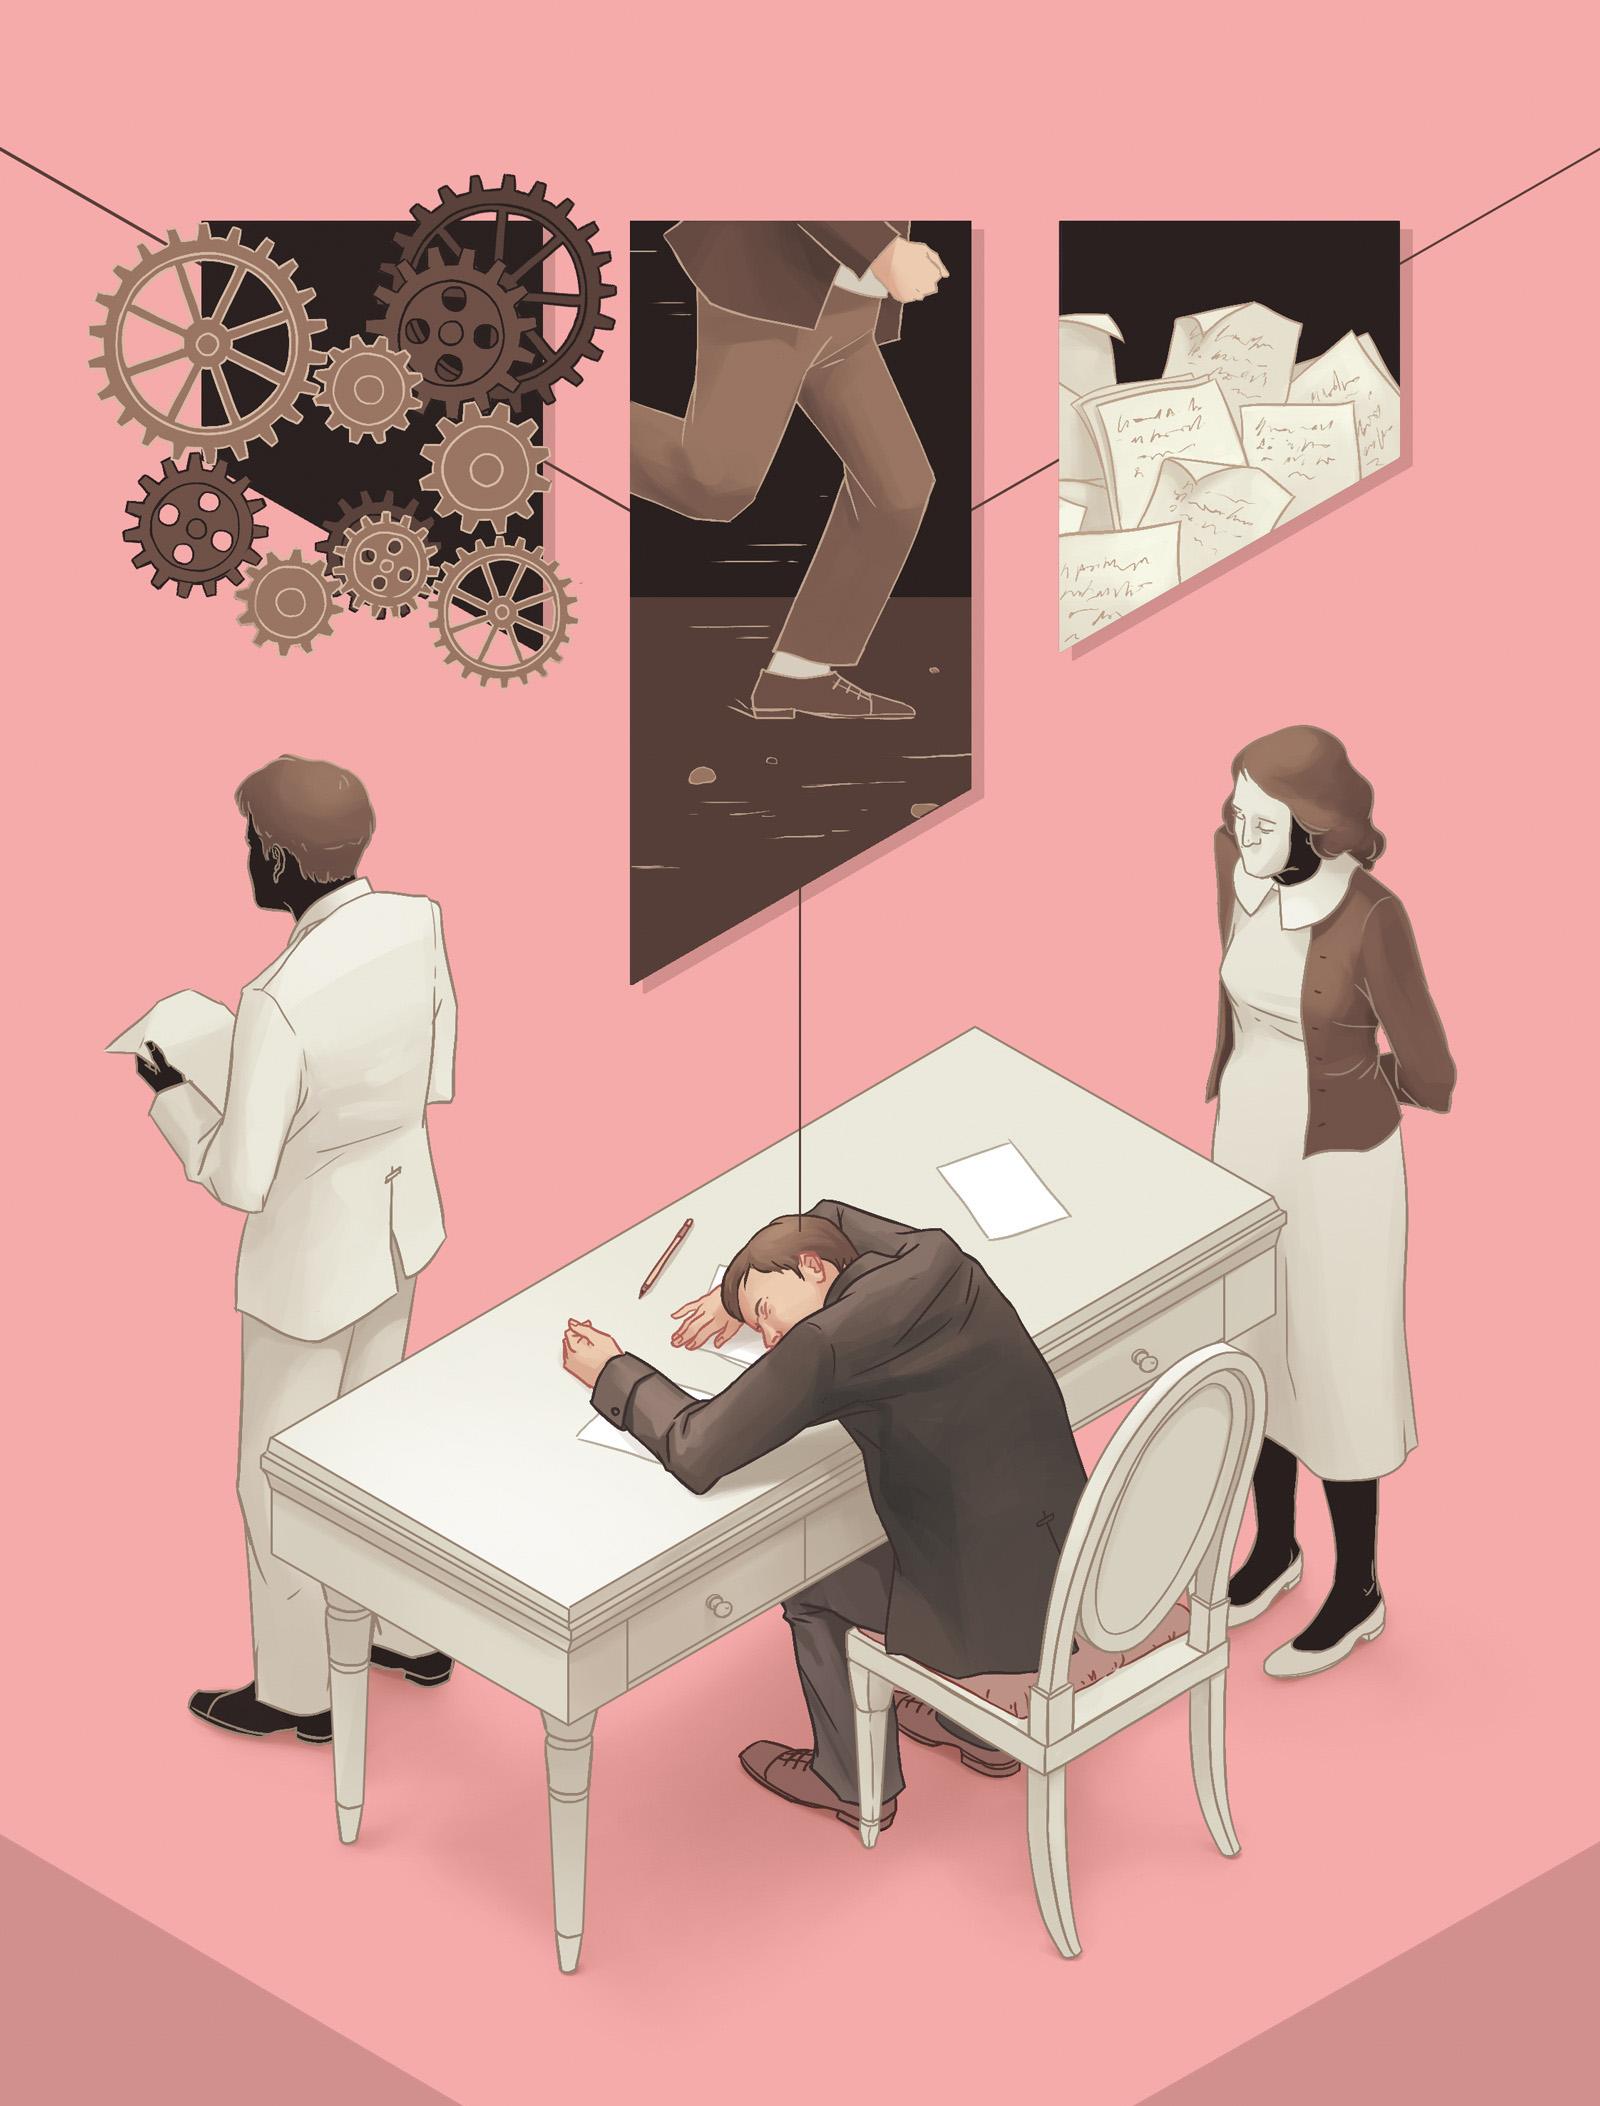 El sueño de Turing · Principia Magazine